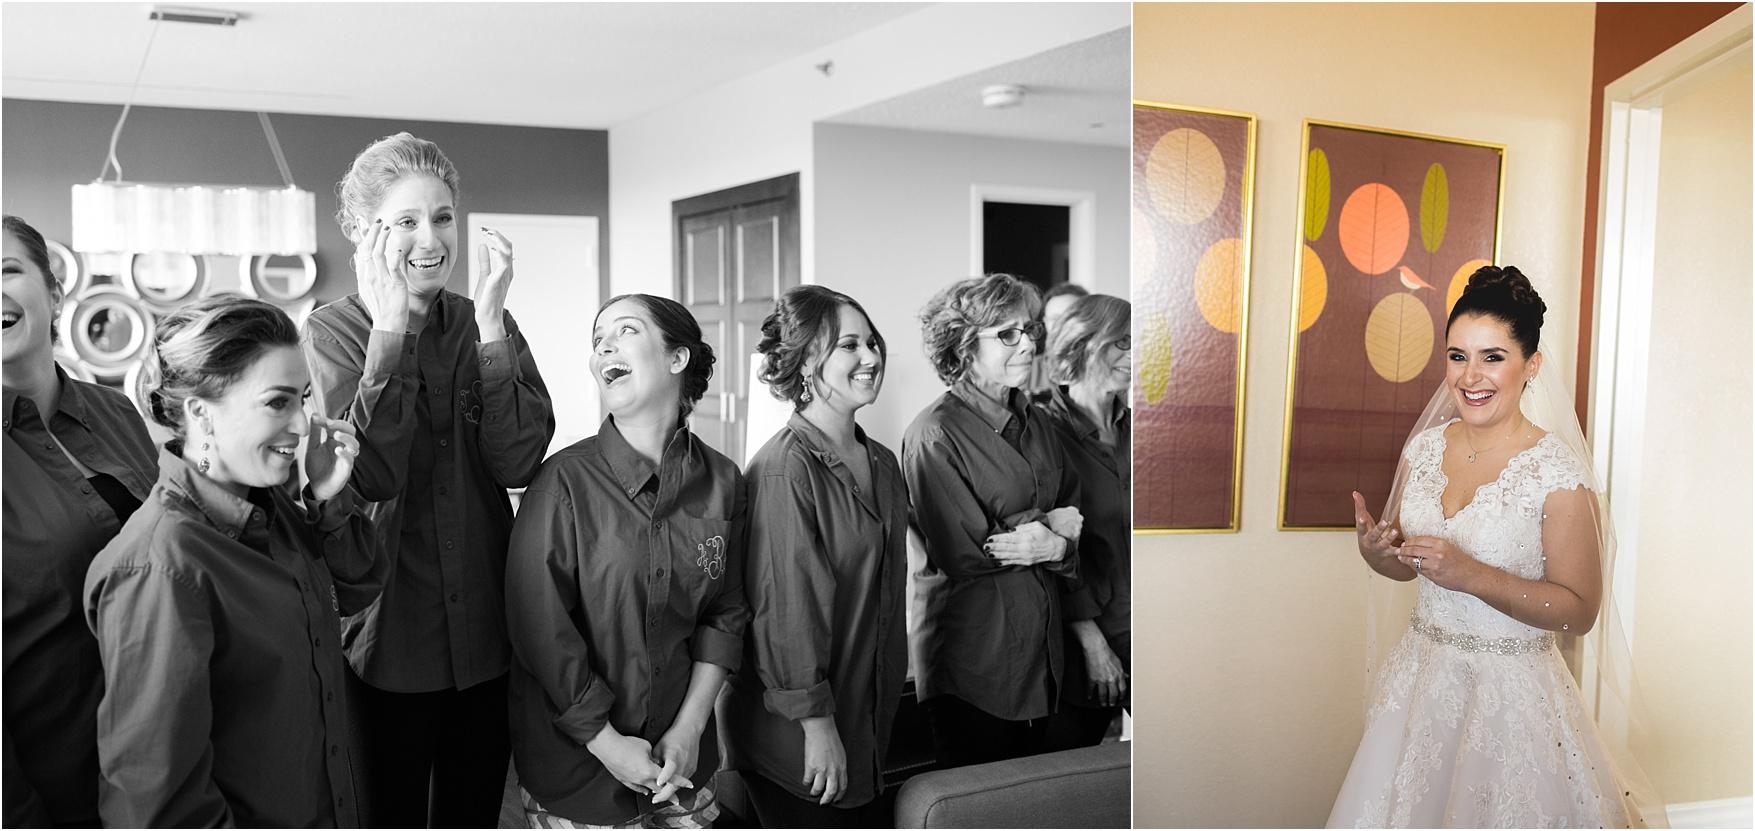 wedding photography st louis_lauren muckler photography_film photographer_film wedding_0048.jpg